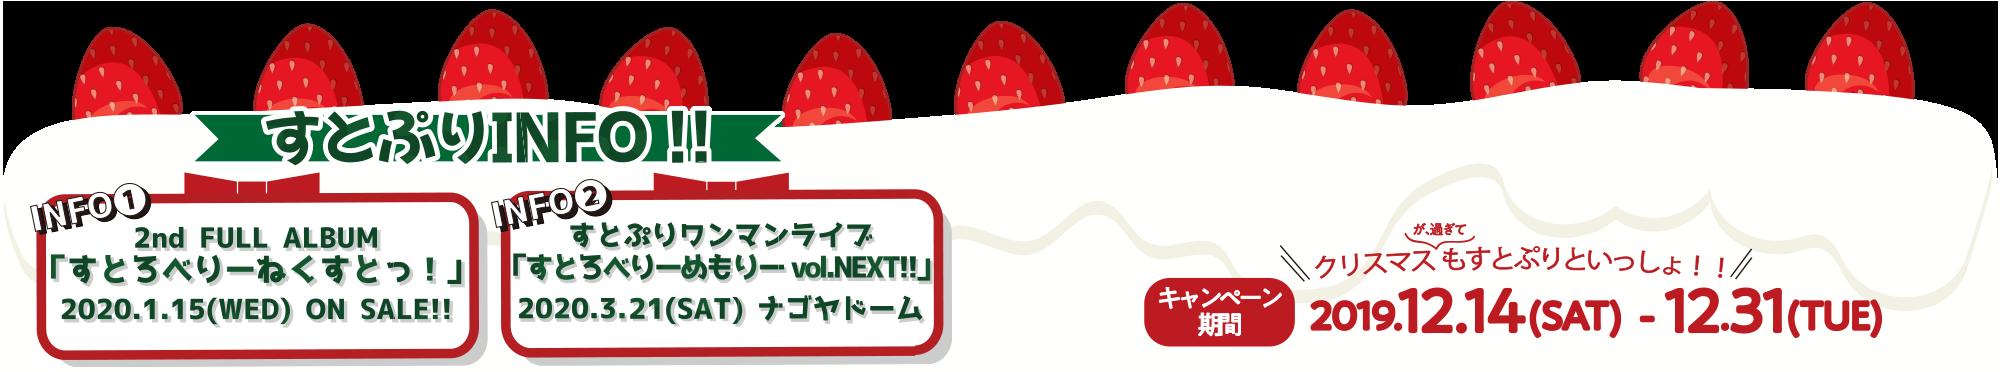 クリスマスが過ぎてもすとぷりといっしょ!キャンペーン期間 2019.12.14(SAT)〜12.31(TUE)